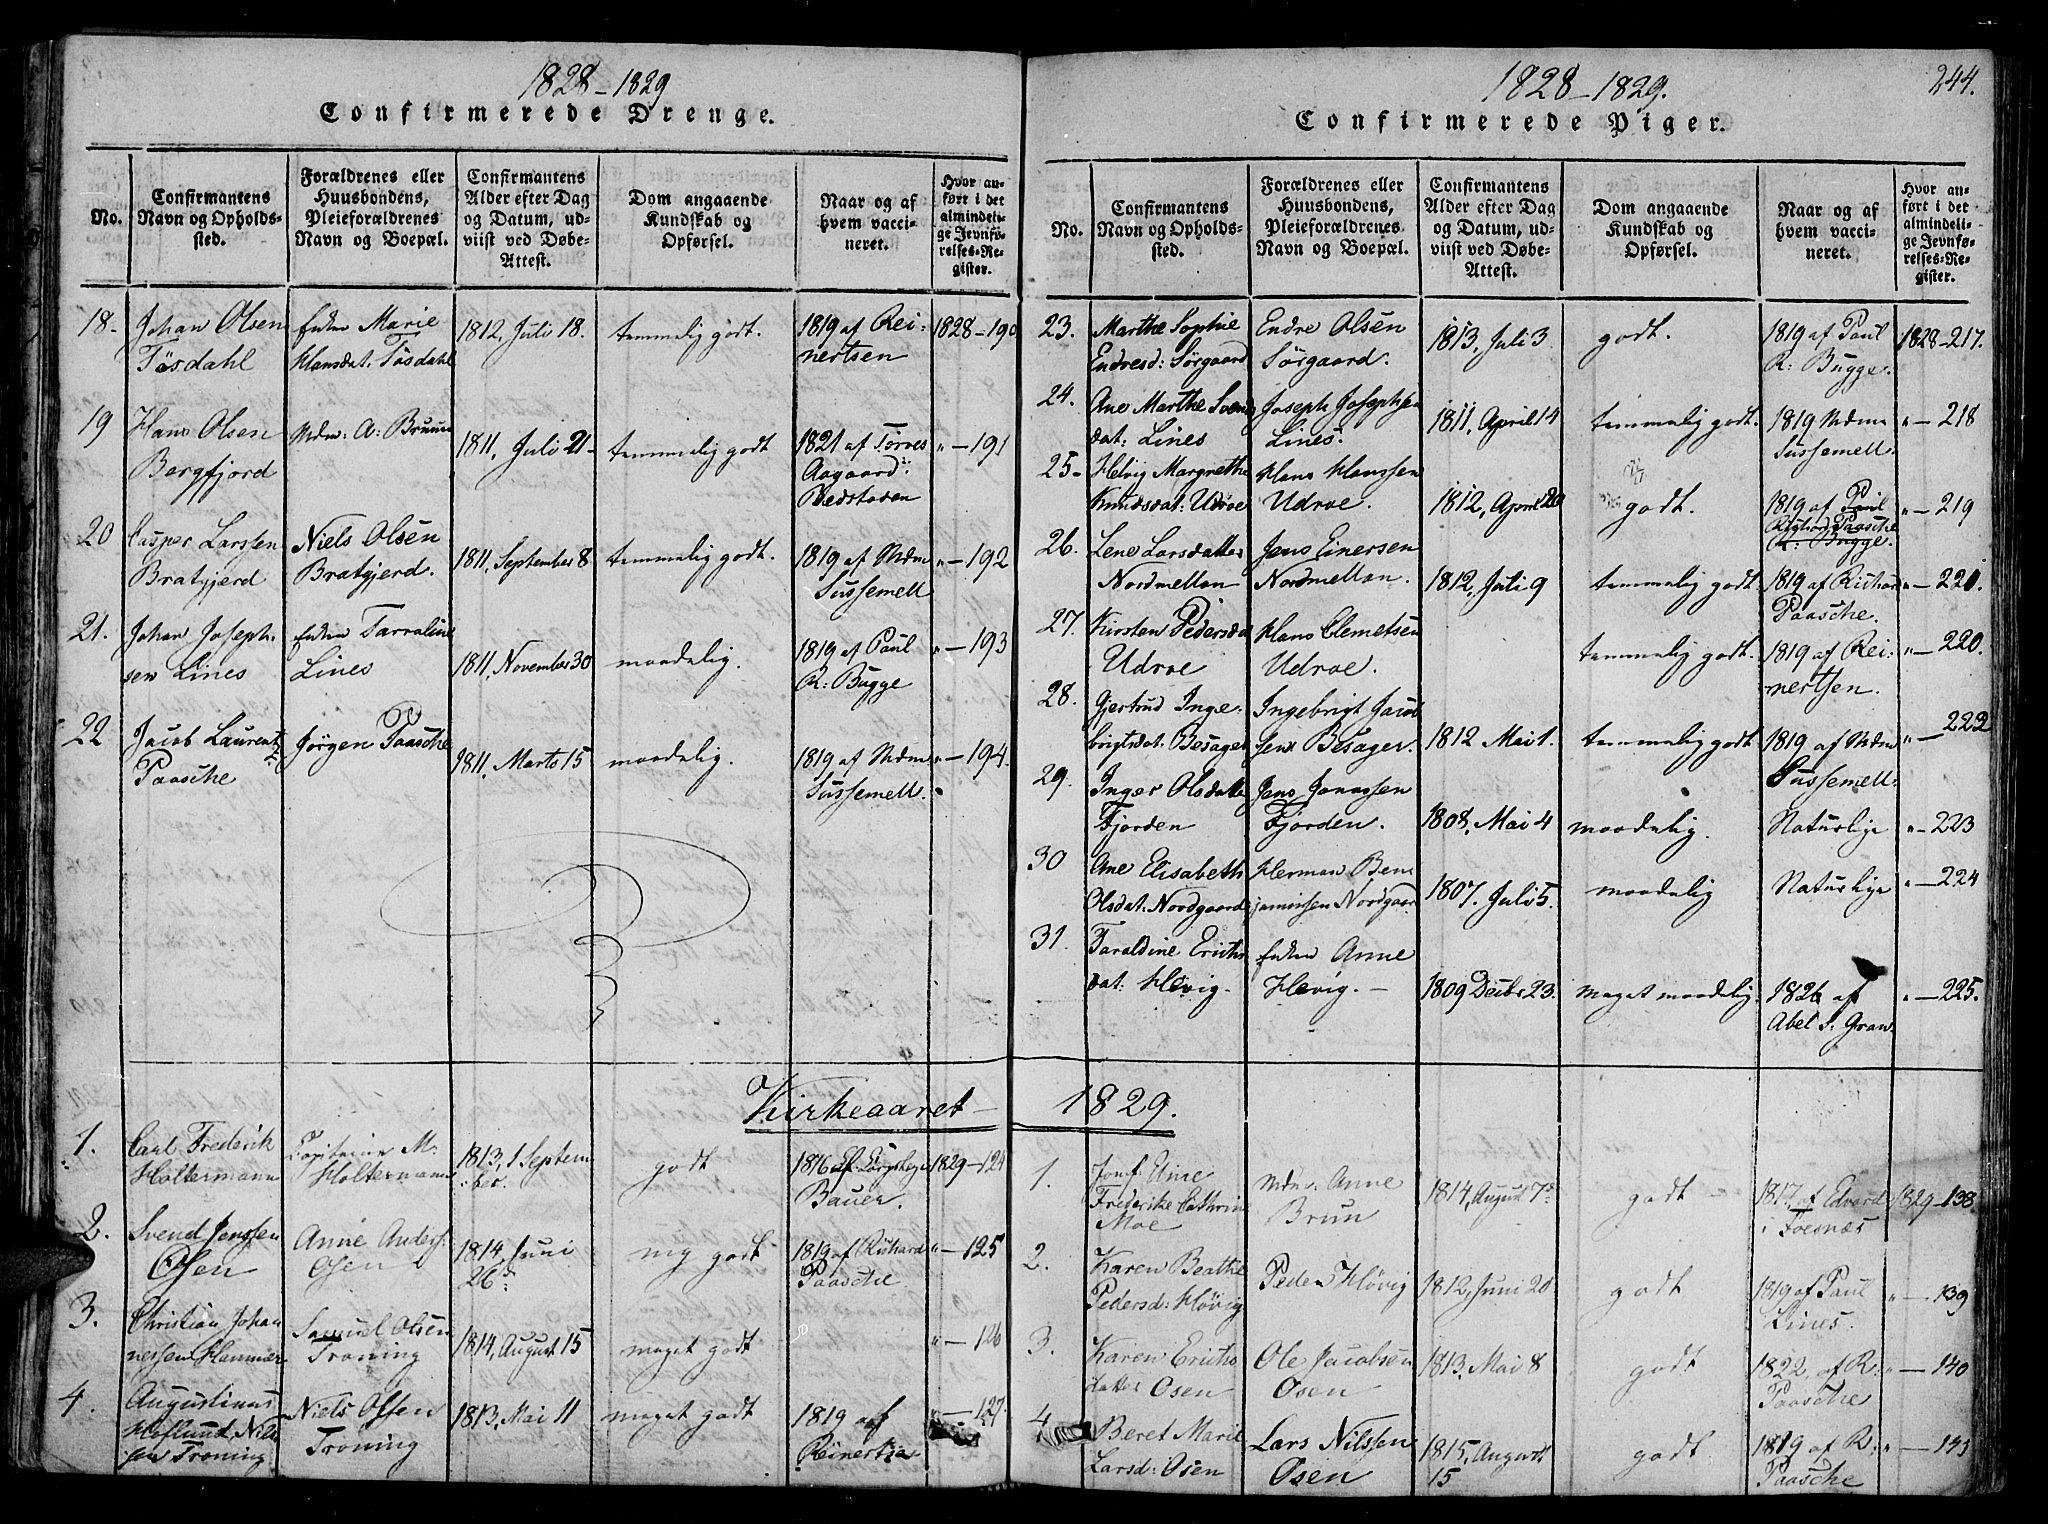 SAT, Ministerialprotokoller, klokkerbøker og fødselsregistre - Sør-Trøndelag, 657/L0702: Ministerialbok nr. 657A03, 1818-1831, s. 244